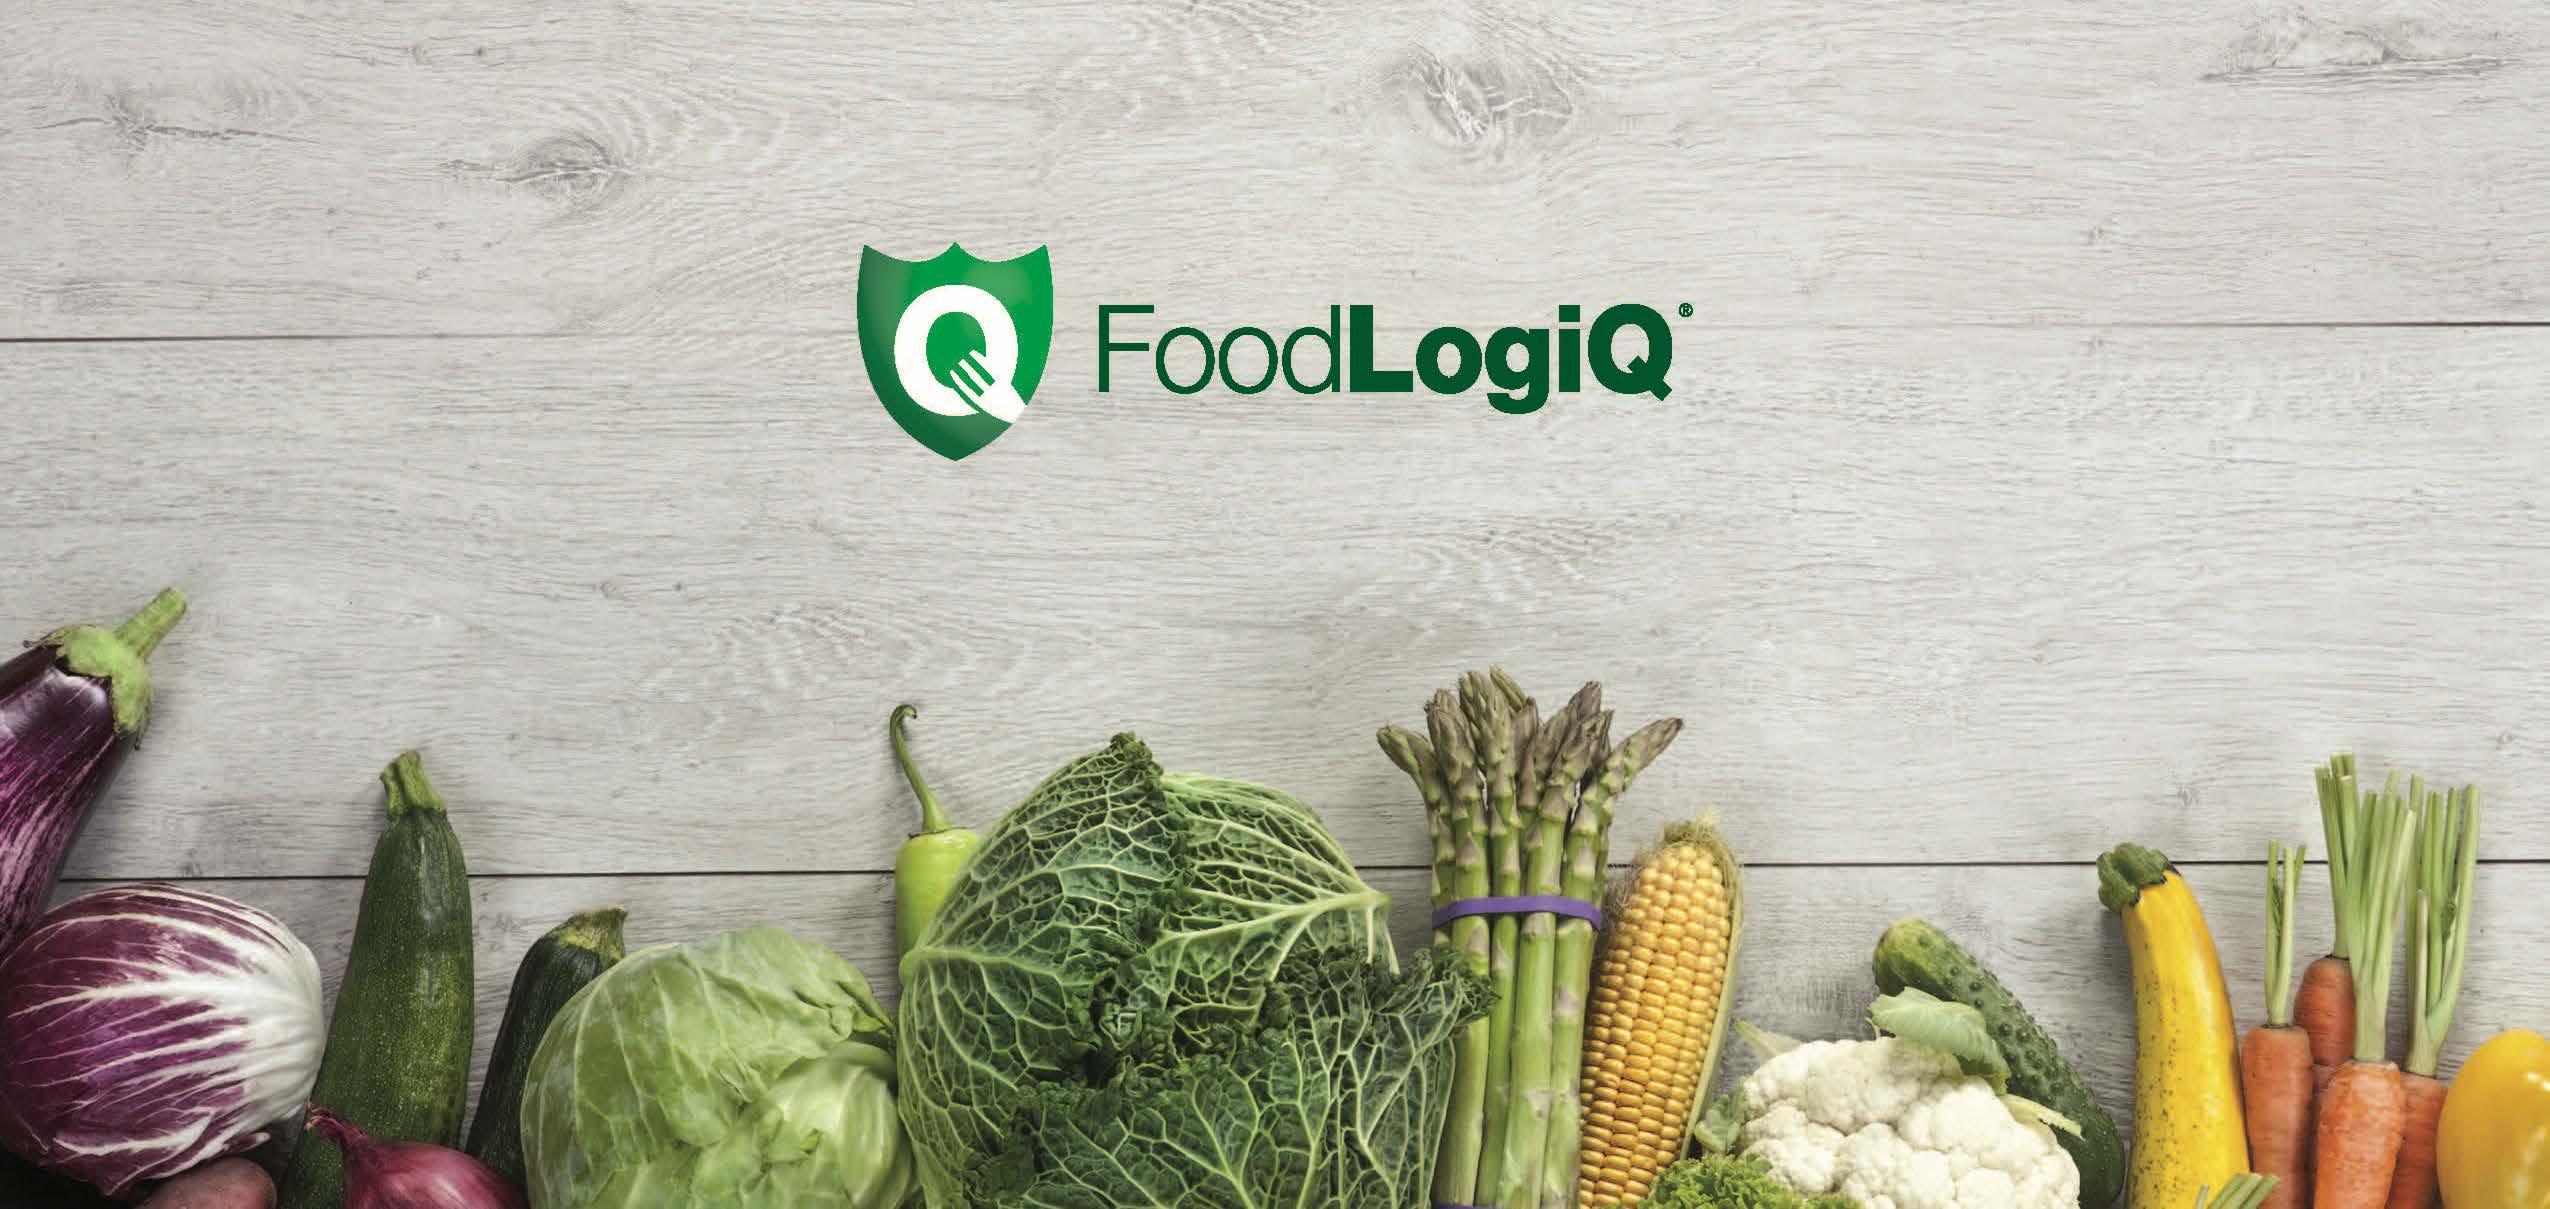 foodlogiQ